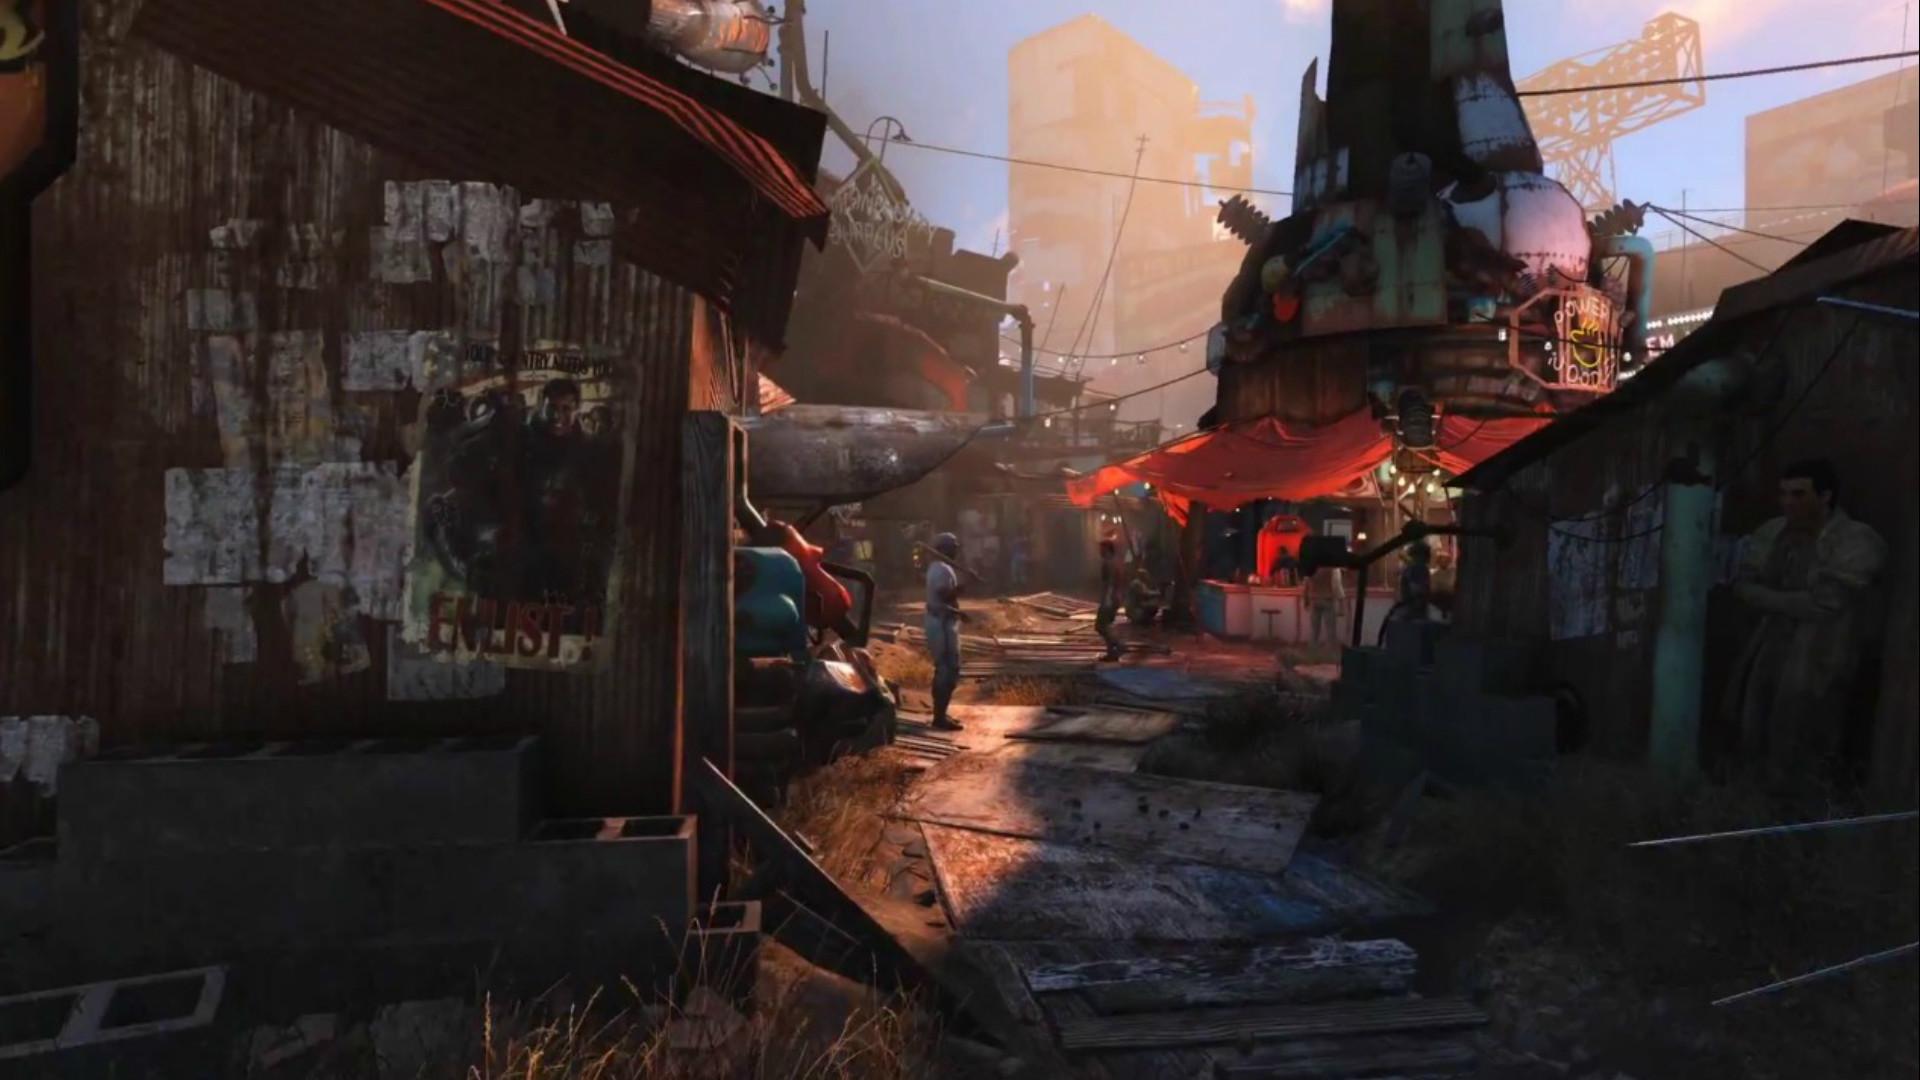 Fonds d'écran Fallout 4 – JustGeek · fallout 4 railroad wallpaper  …